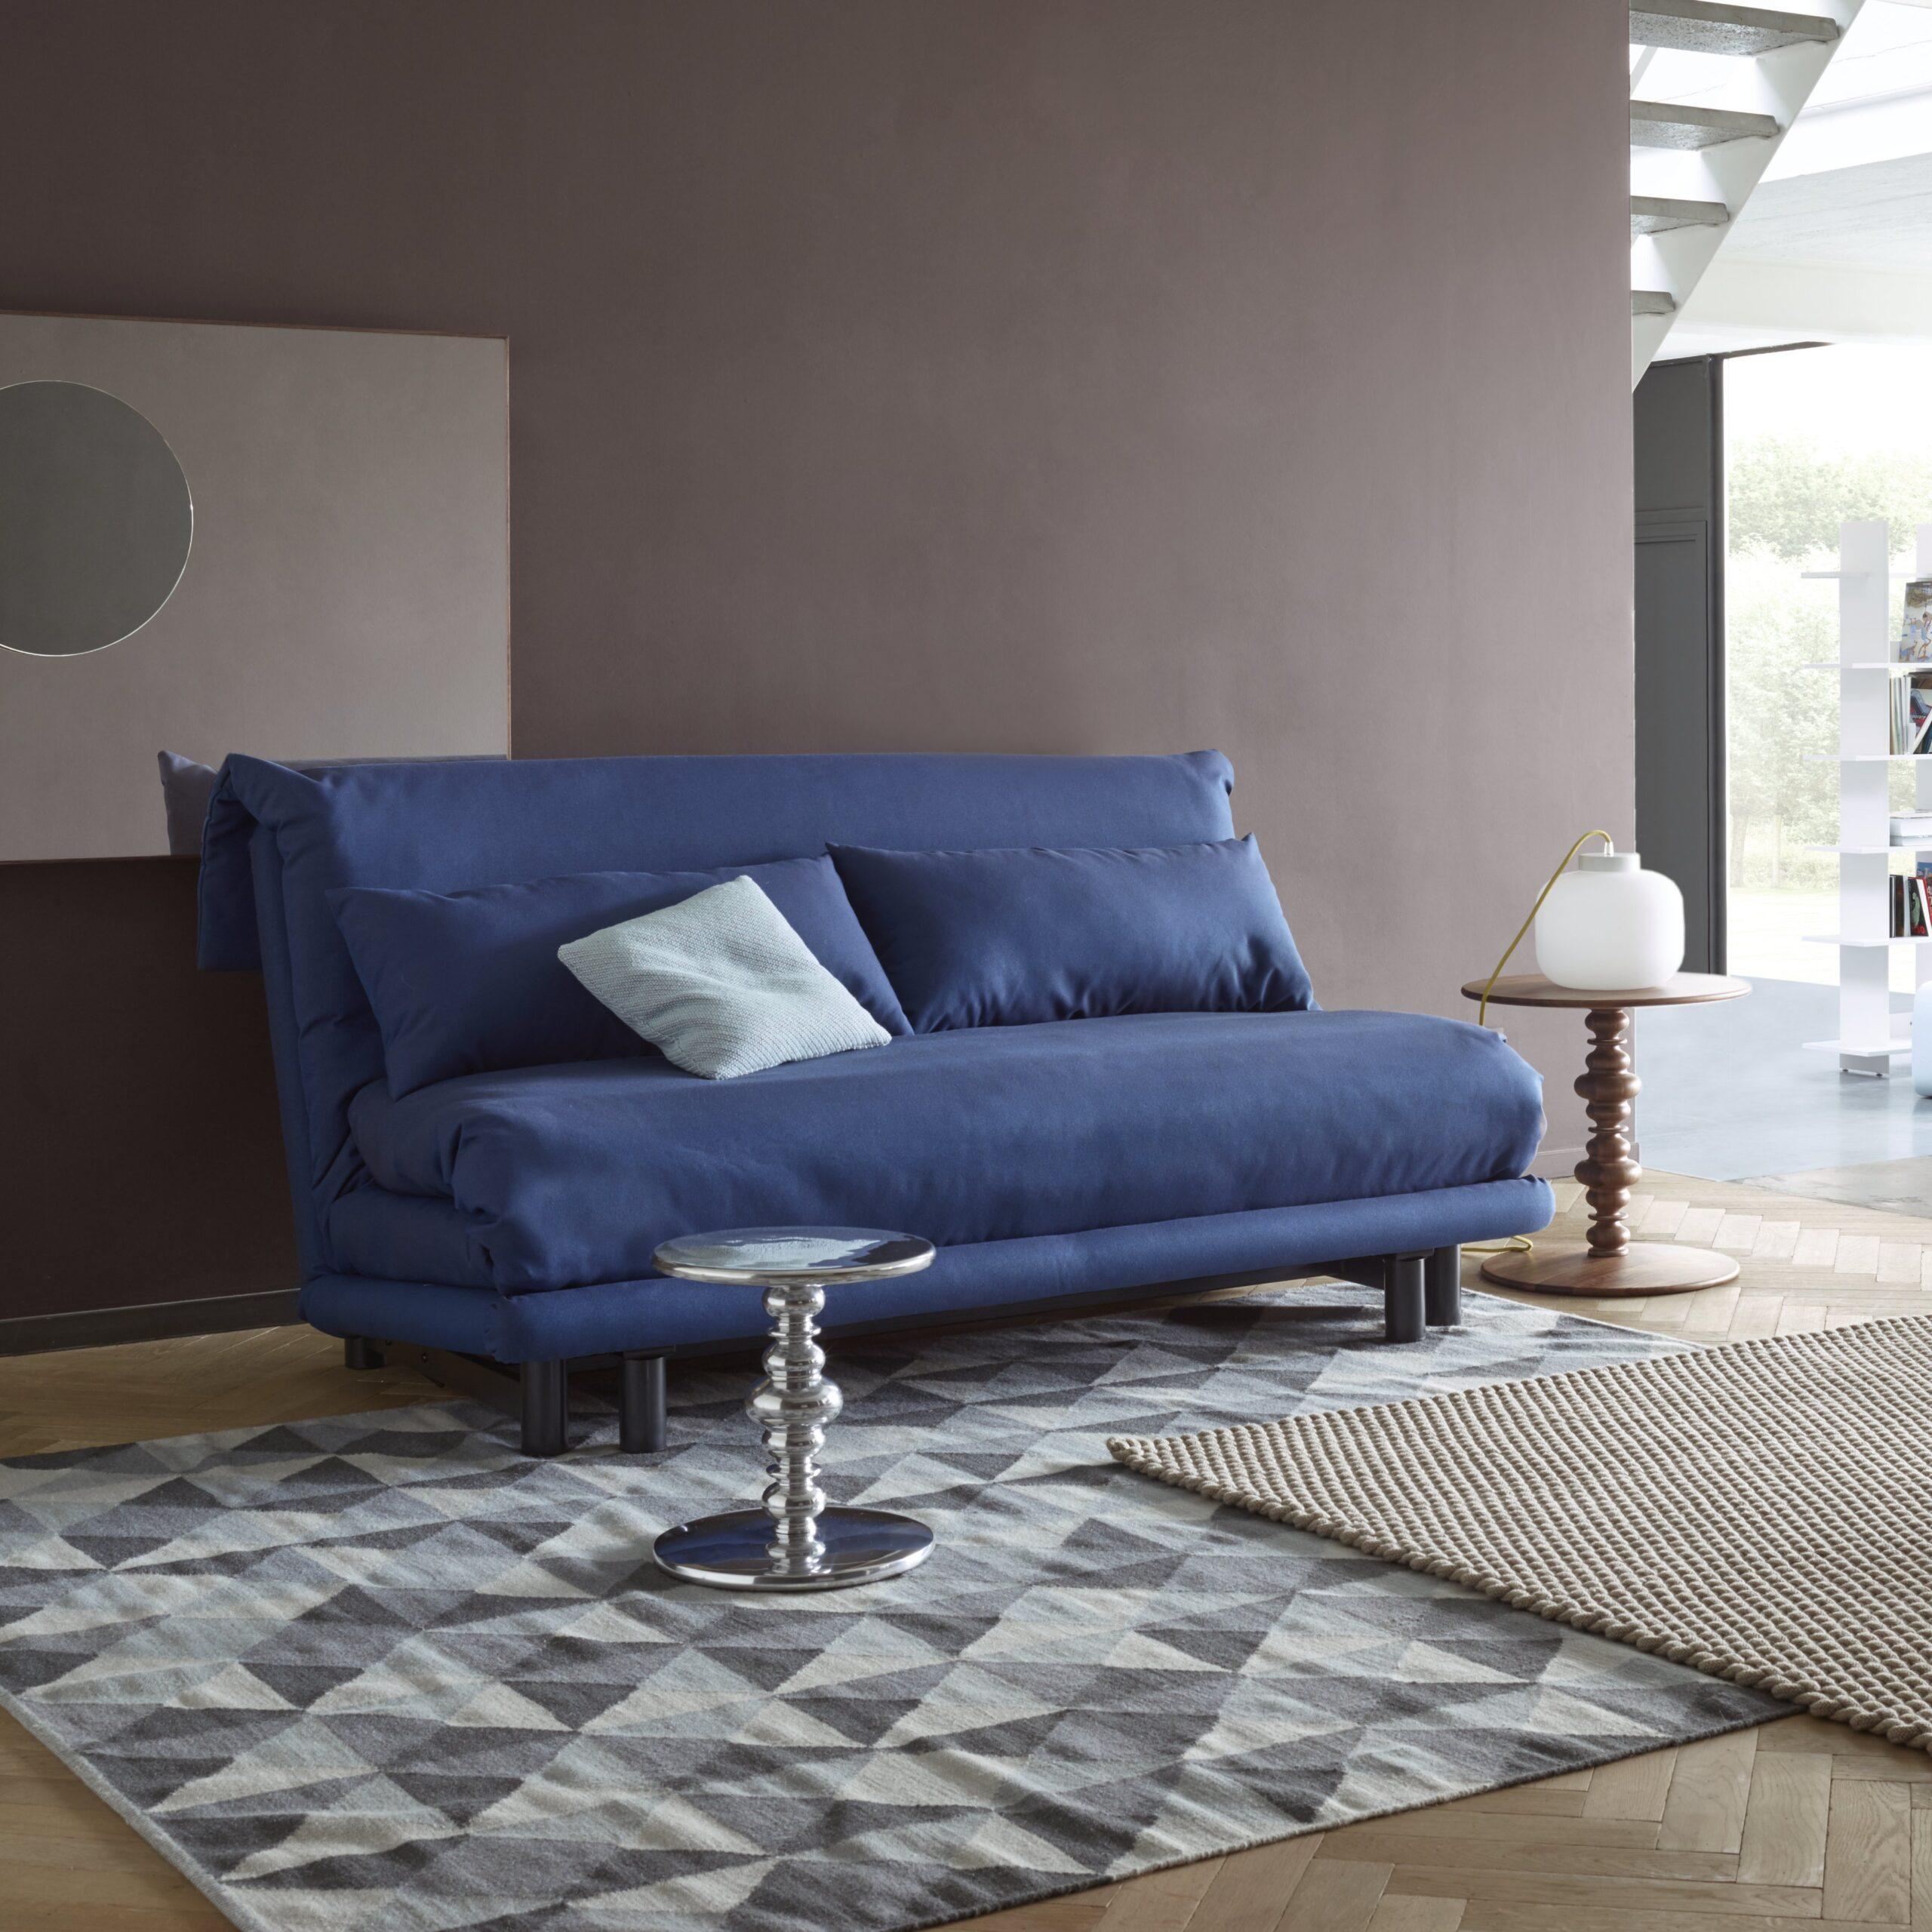 Full Size of Ligne Roset Confluences Sofa Bed For Sale Uk Ebay Ploum Ruche Exclusif Togo Instructions Ireland Feng Knock Off Fileligne Multy Schlafsofajpg Wikimedia Sofa Ligne Roset Sofa